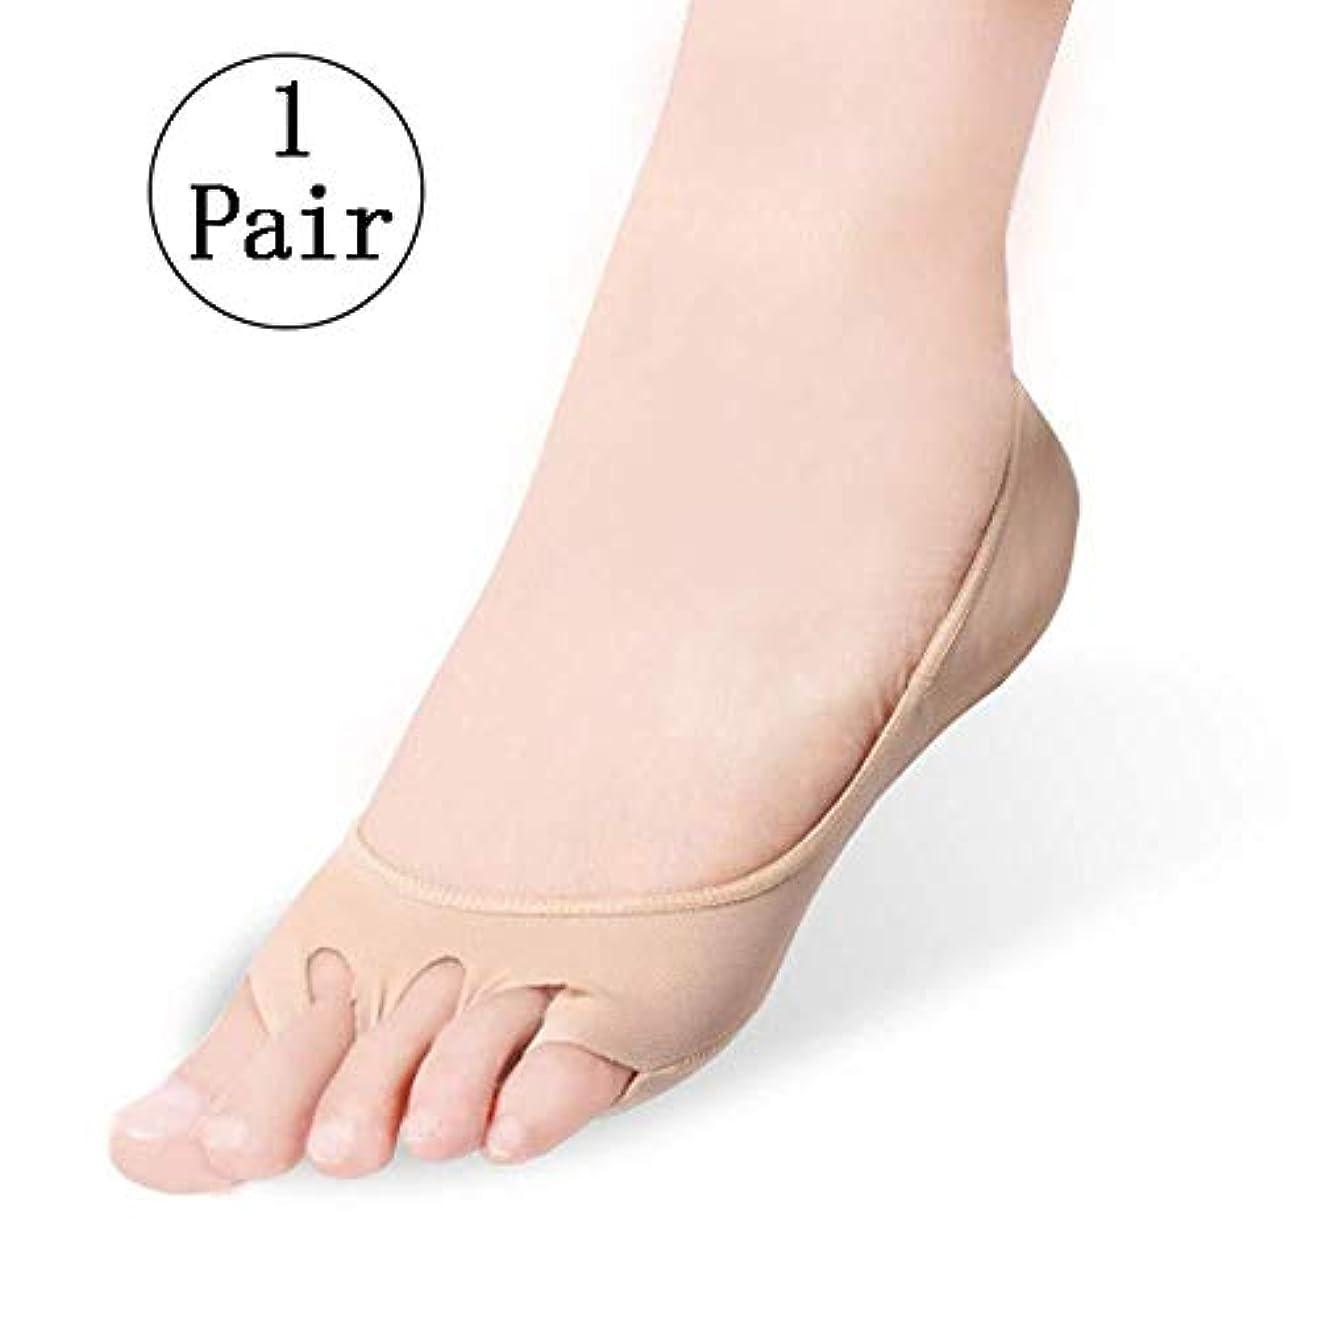 さまよう鉱夫流星つま先セパレーター、快適で通気性、伸縮性に優れ、腱膜痛、外反母hall、足の親指の調整を緩和